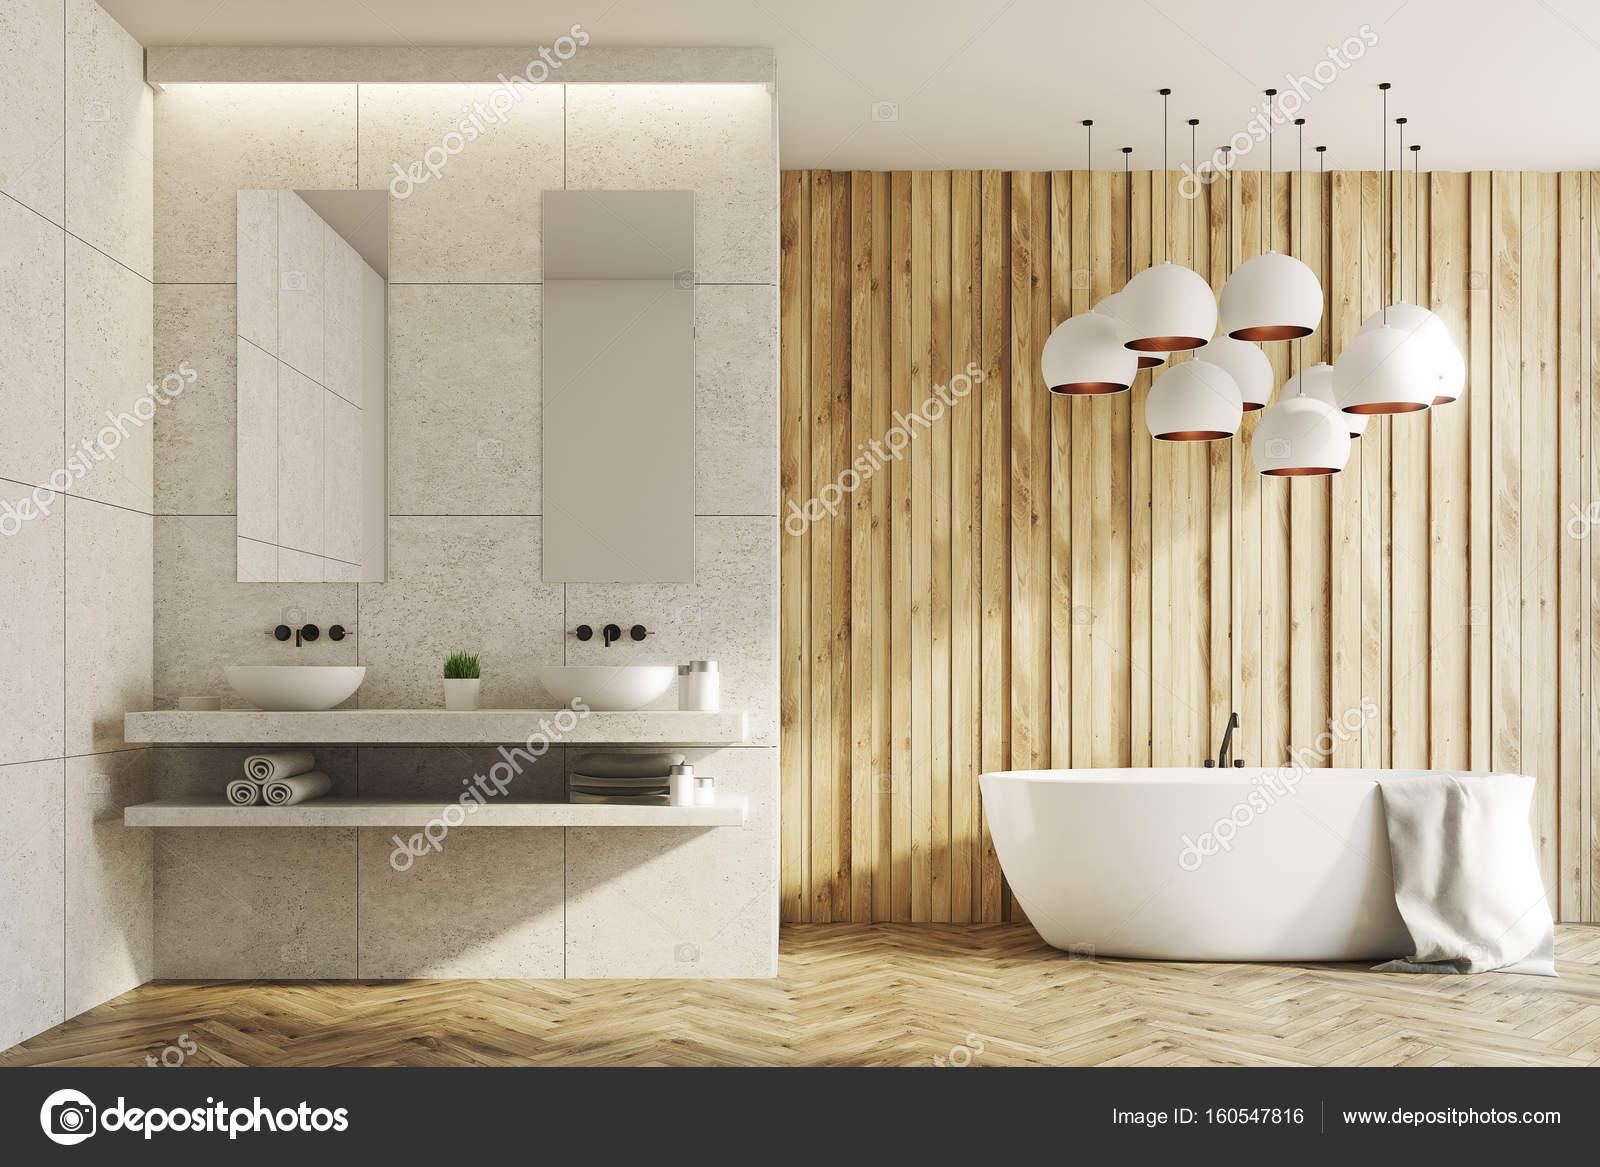 Witte en houten badkamer, wastafels, badkuip — Stockfoto ...